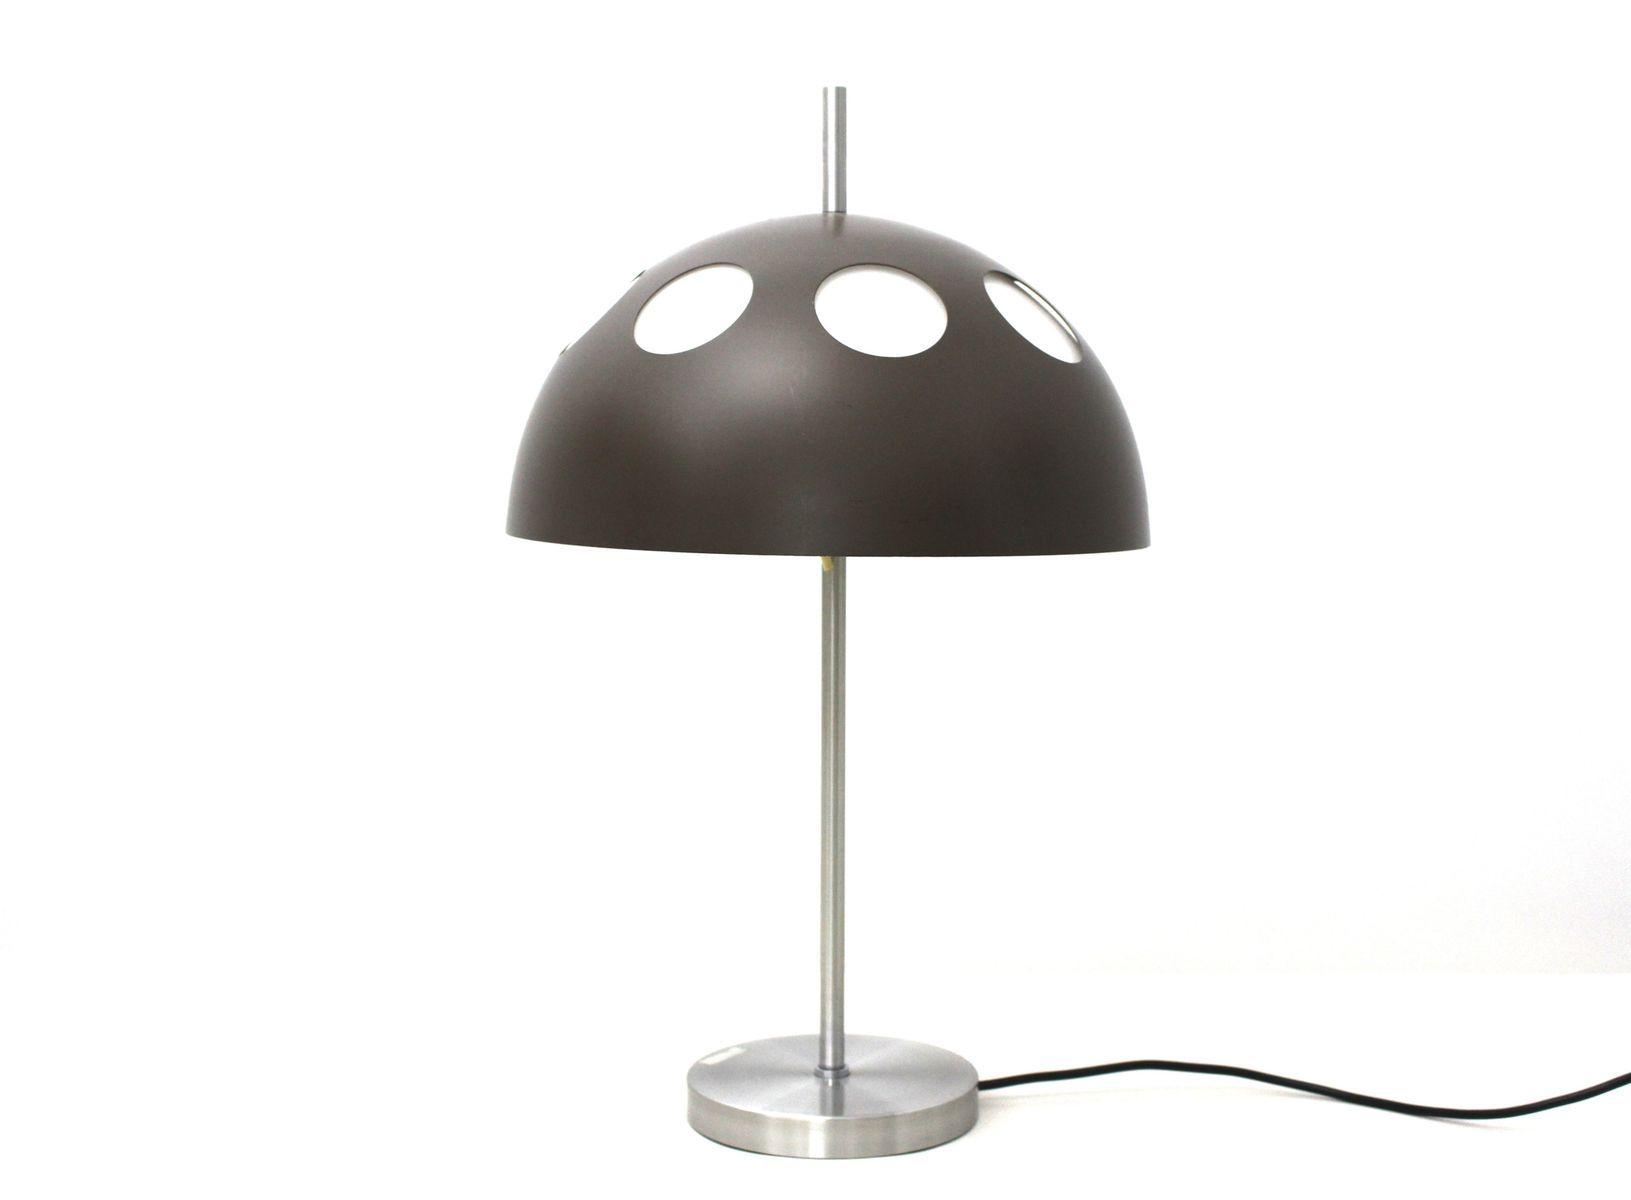 Onlineshop Leuchten Nachttischleuchte Touch Led Design Lampen